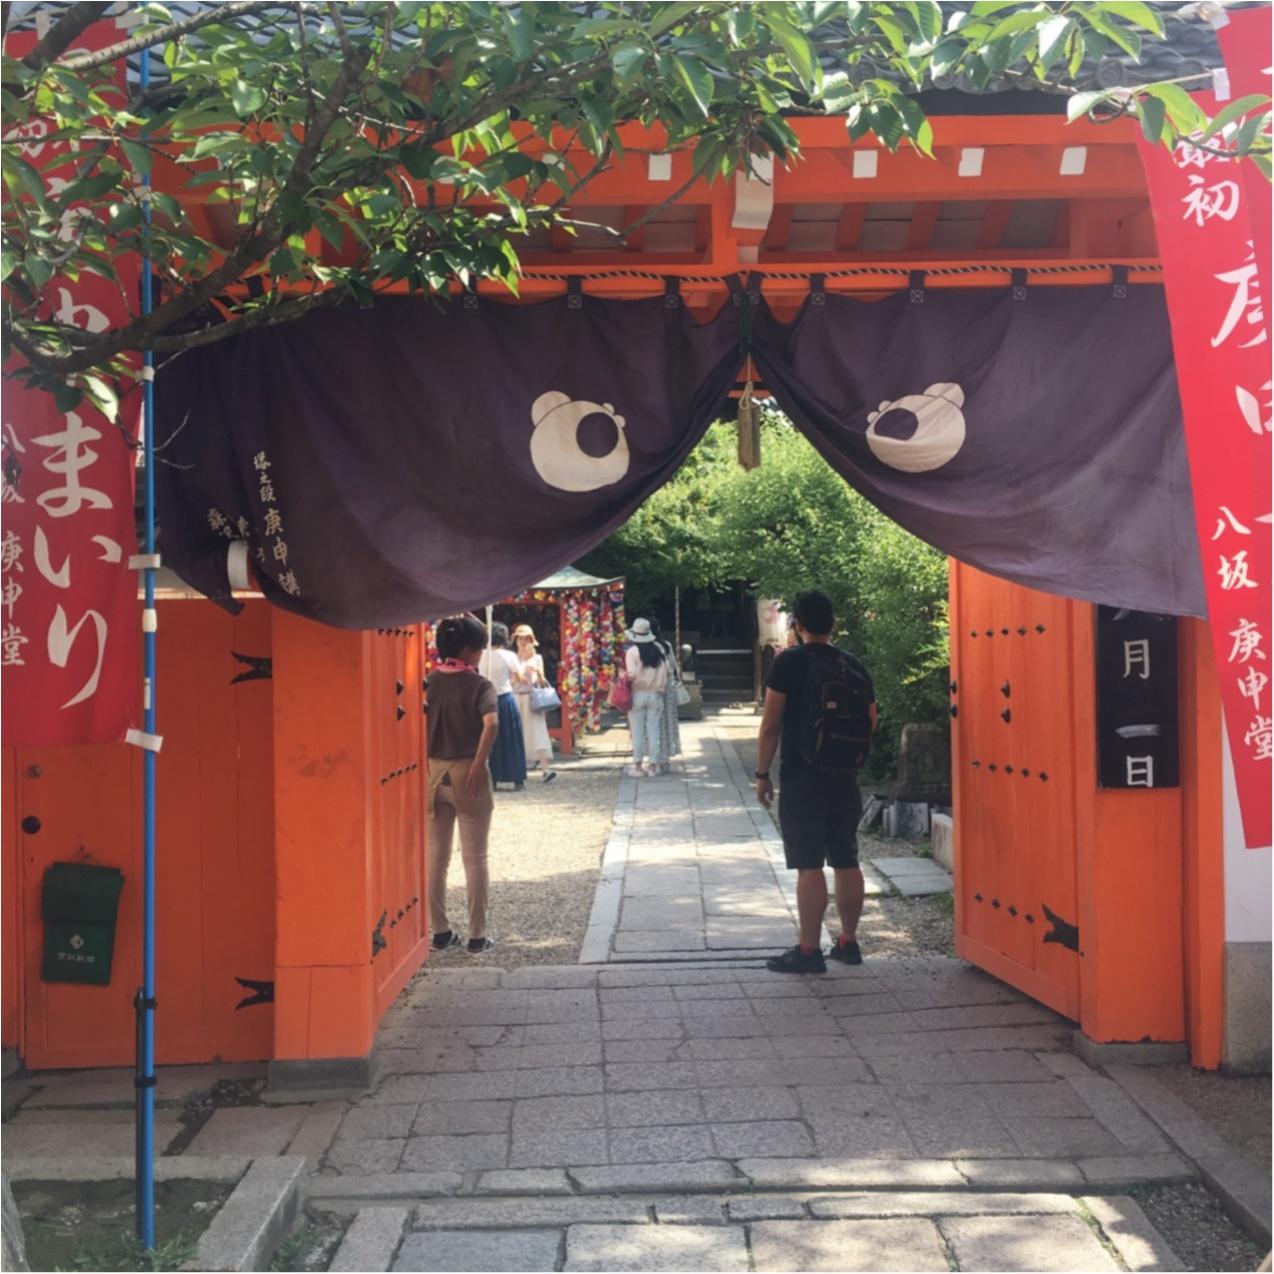 カラフルで可愛い♡ 京都にあるフォトジェニックなスポット《 八坂庚申堂 》って知ってる? おしゃれな写真のアイディア3選♡_1